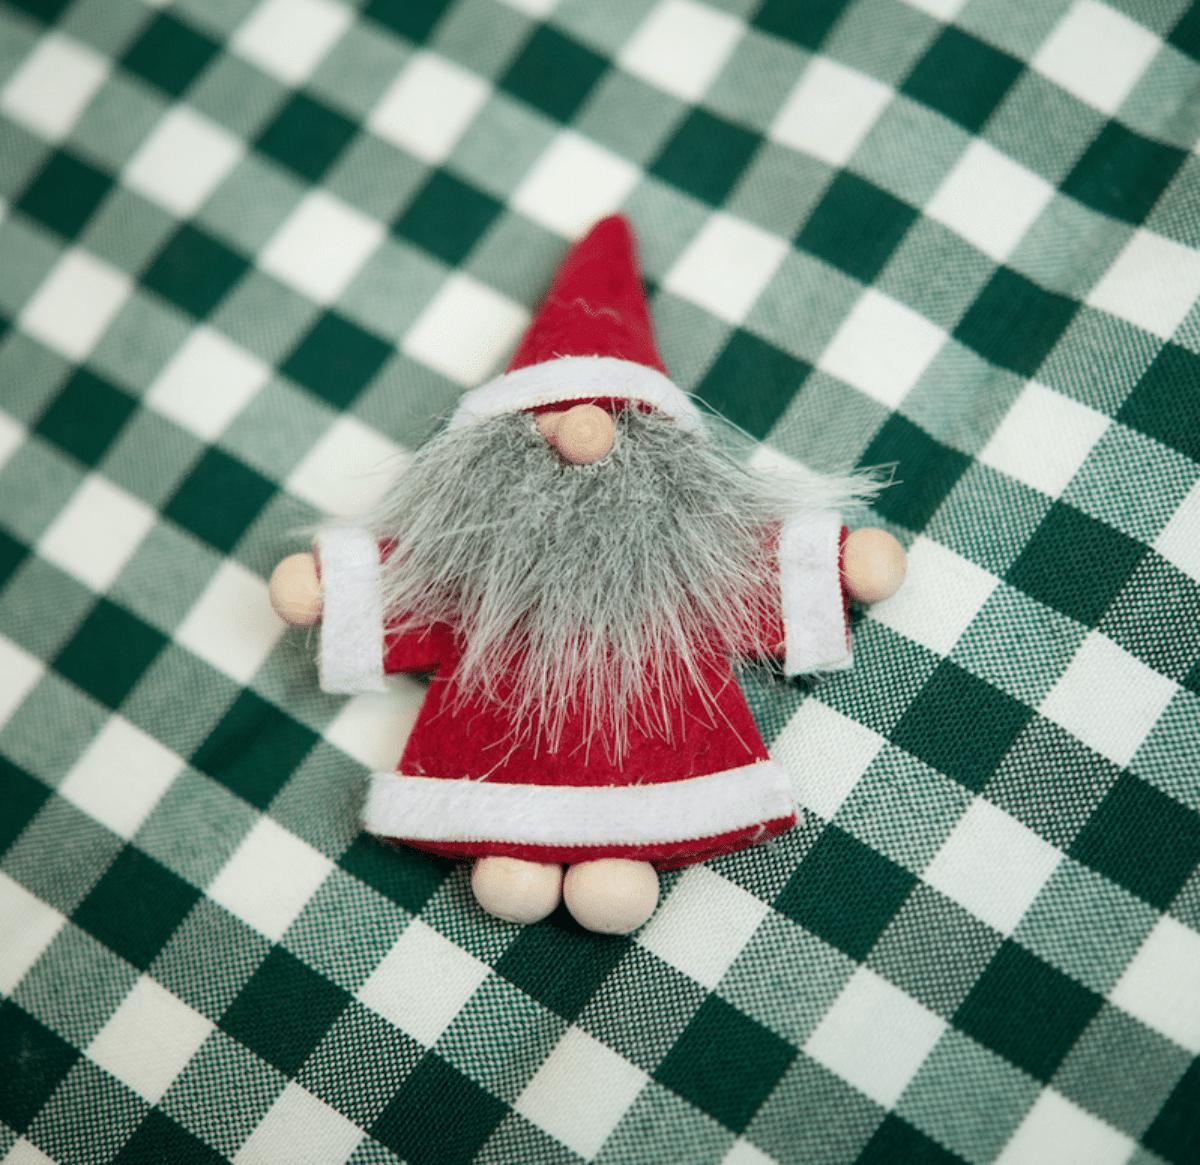 Regali Di Natale Non Costosi.La Moda Del Non Fare Regali A Natale Le Idee Alternative